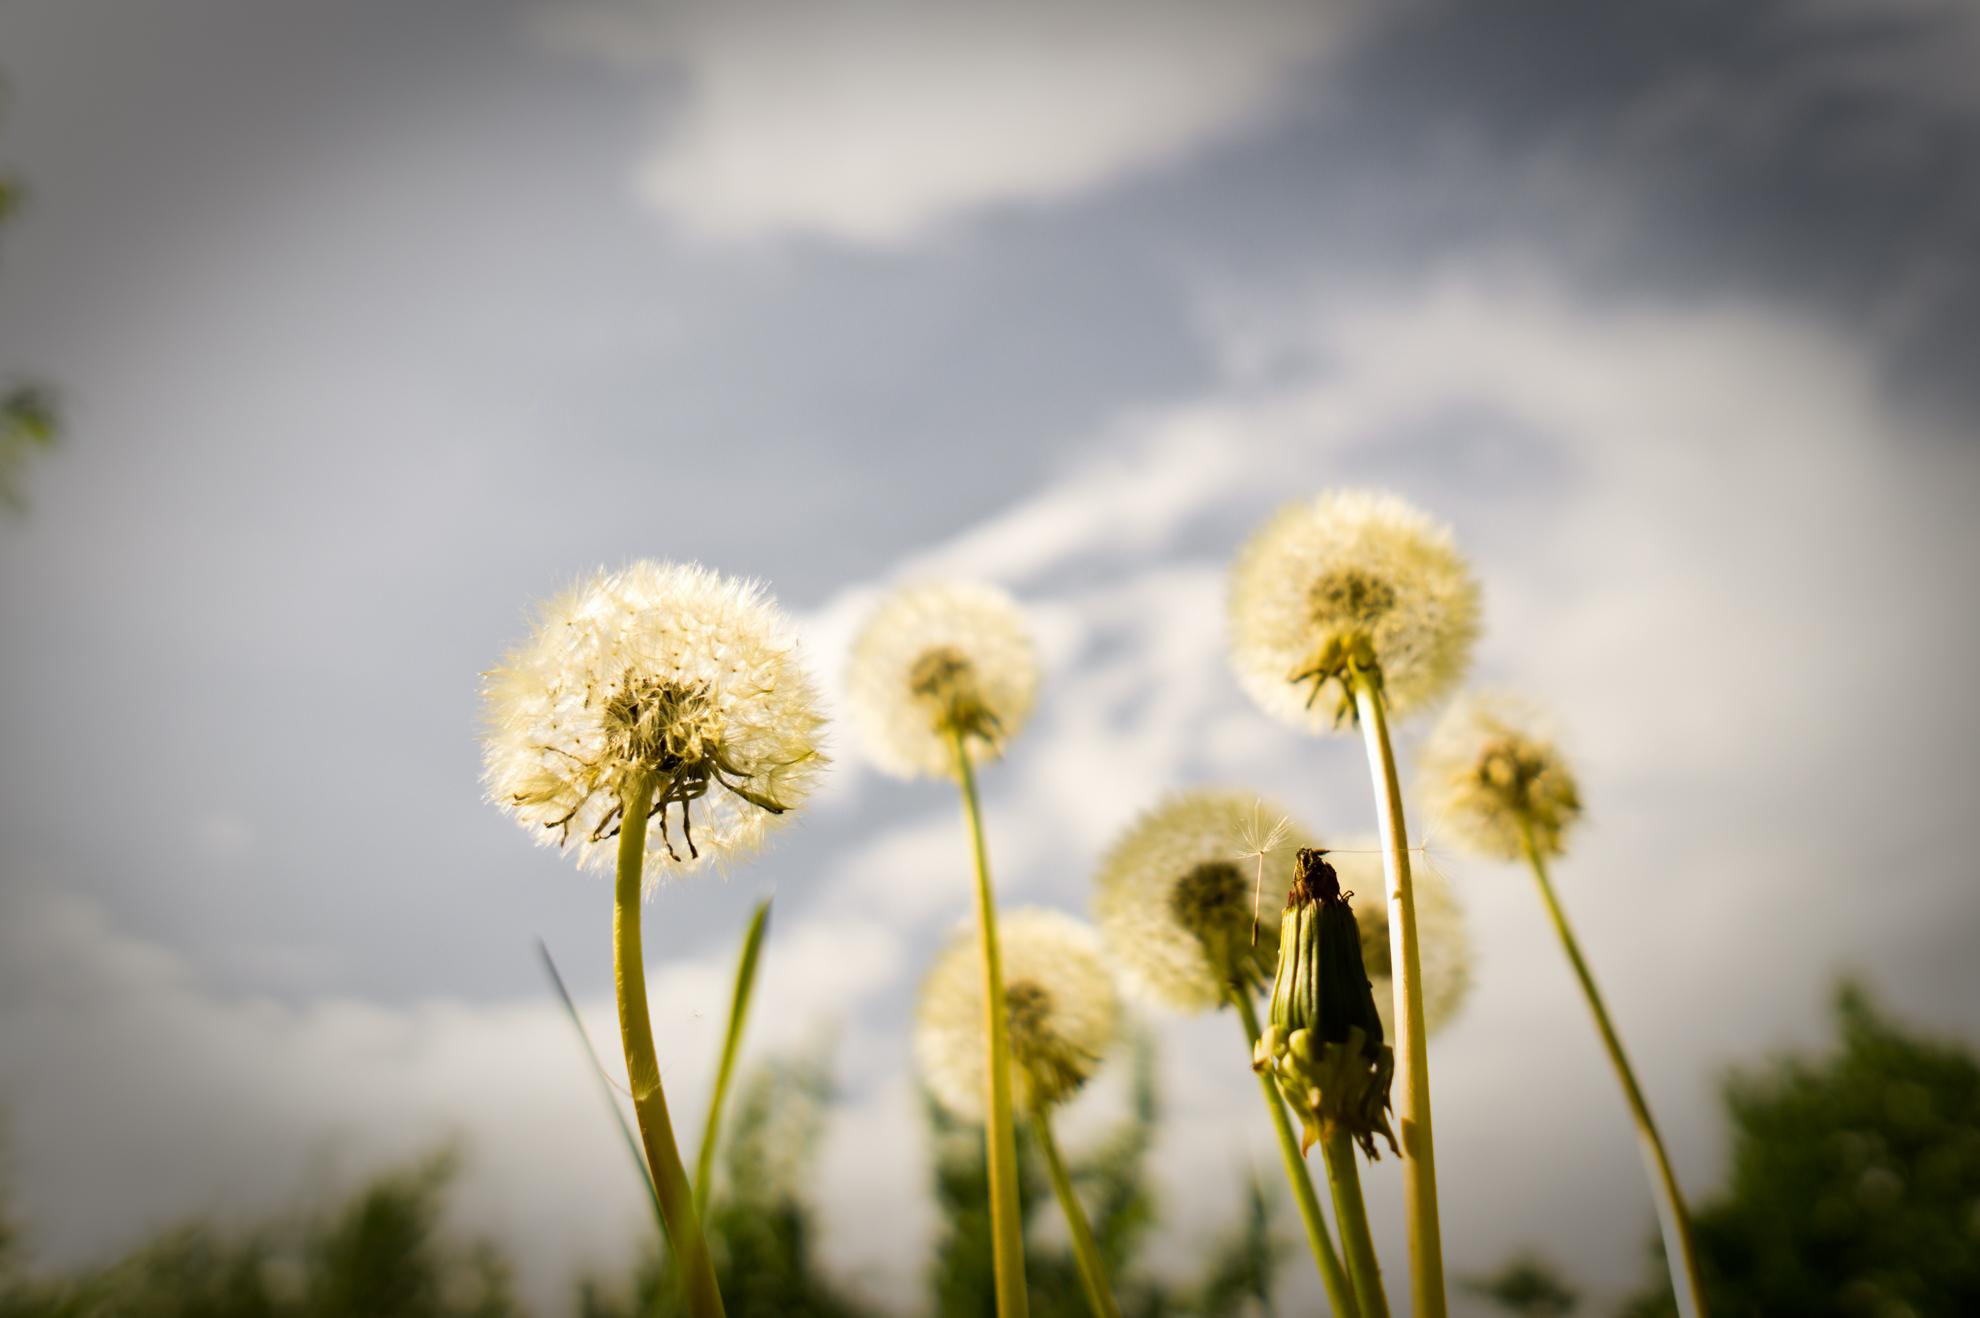 Pusteblumen - Dandelion